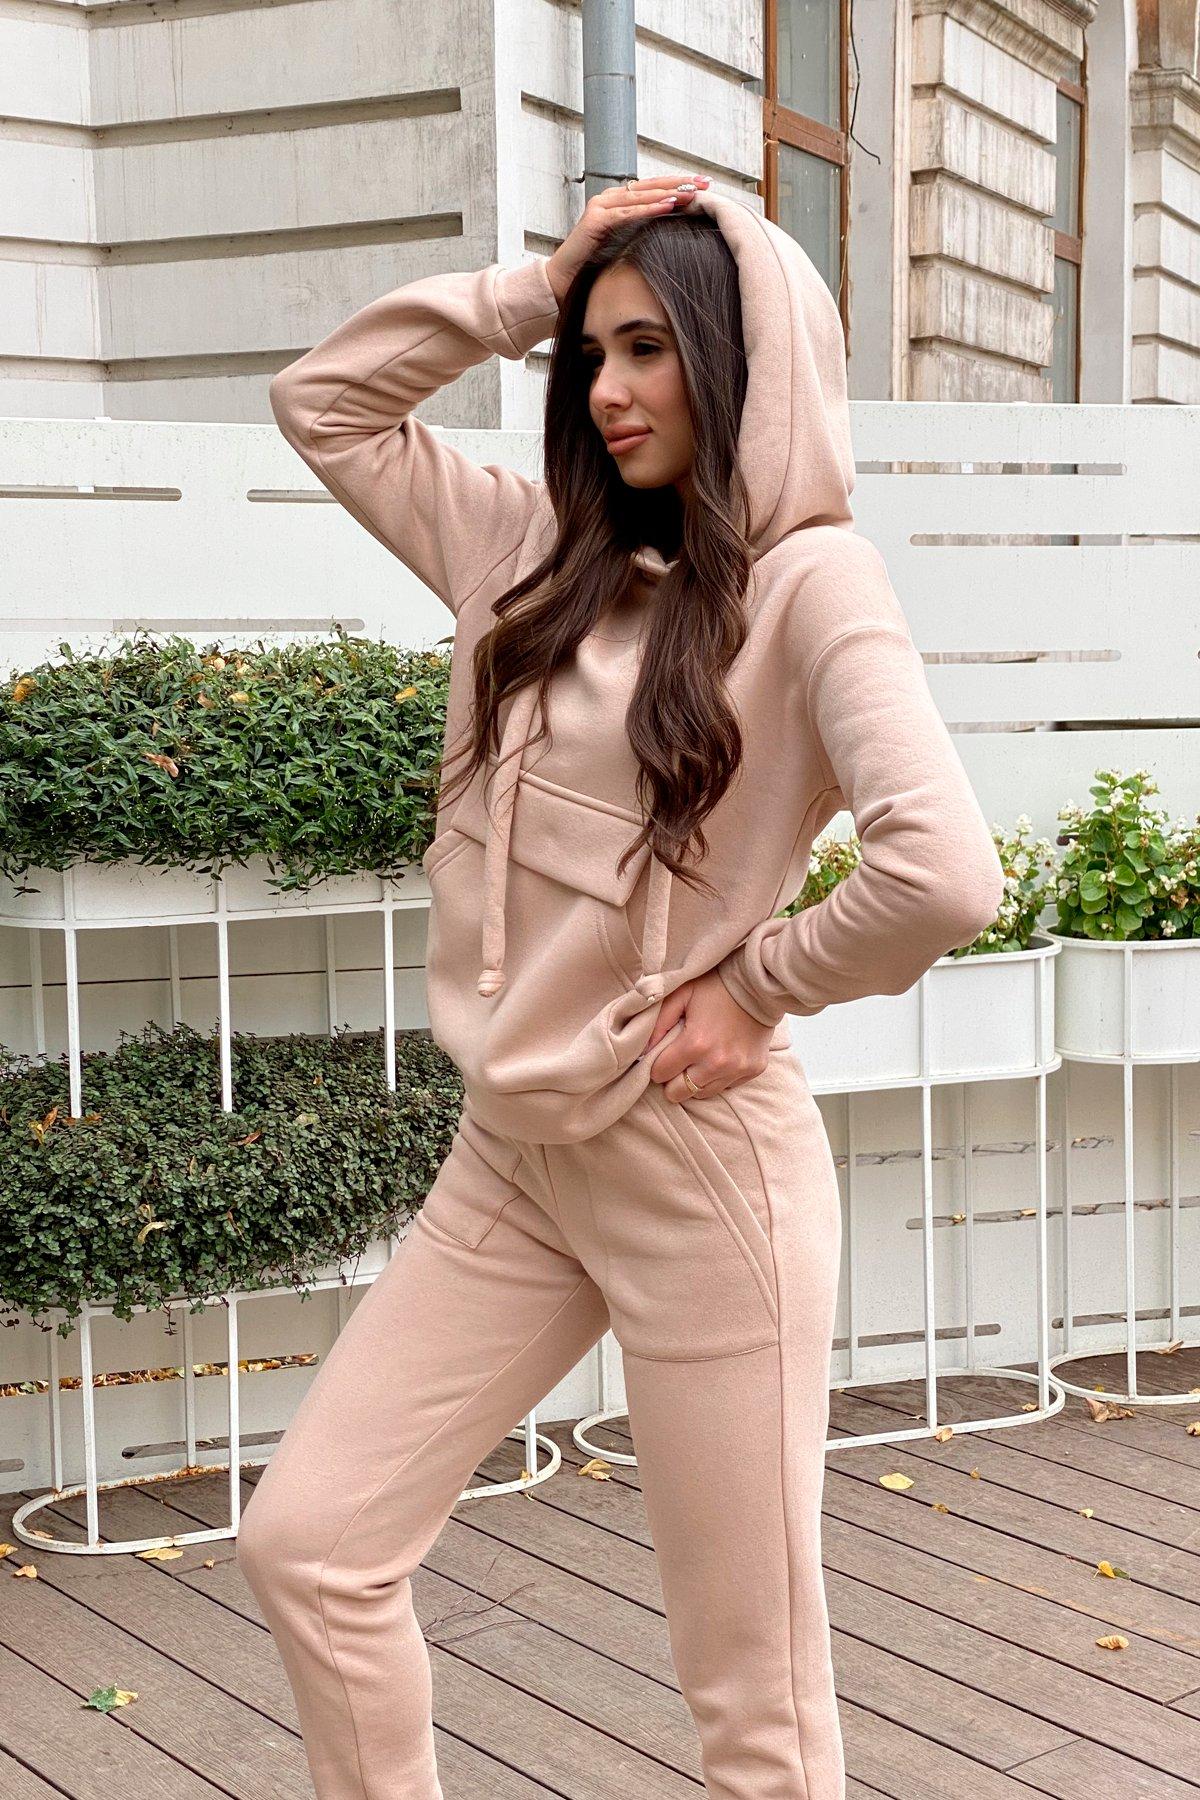 Бруклин  прогулочный костюм 3х нитка с начесом  9663 АРТ. 46213 Цвет: Бежевый - фото 1, интернет магазин tm-modus.ru